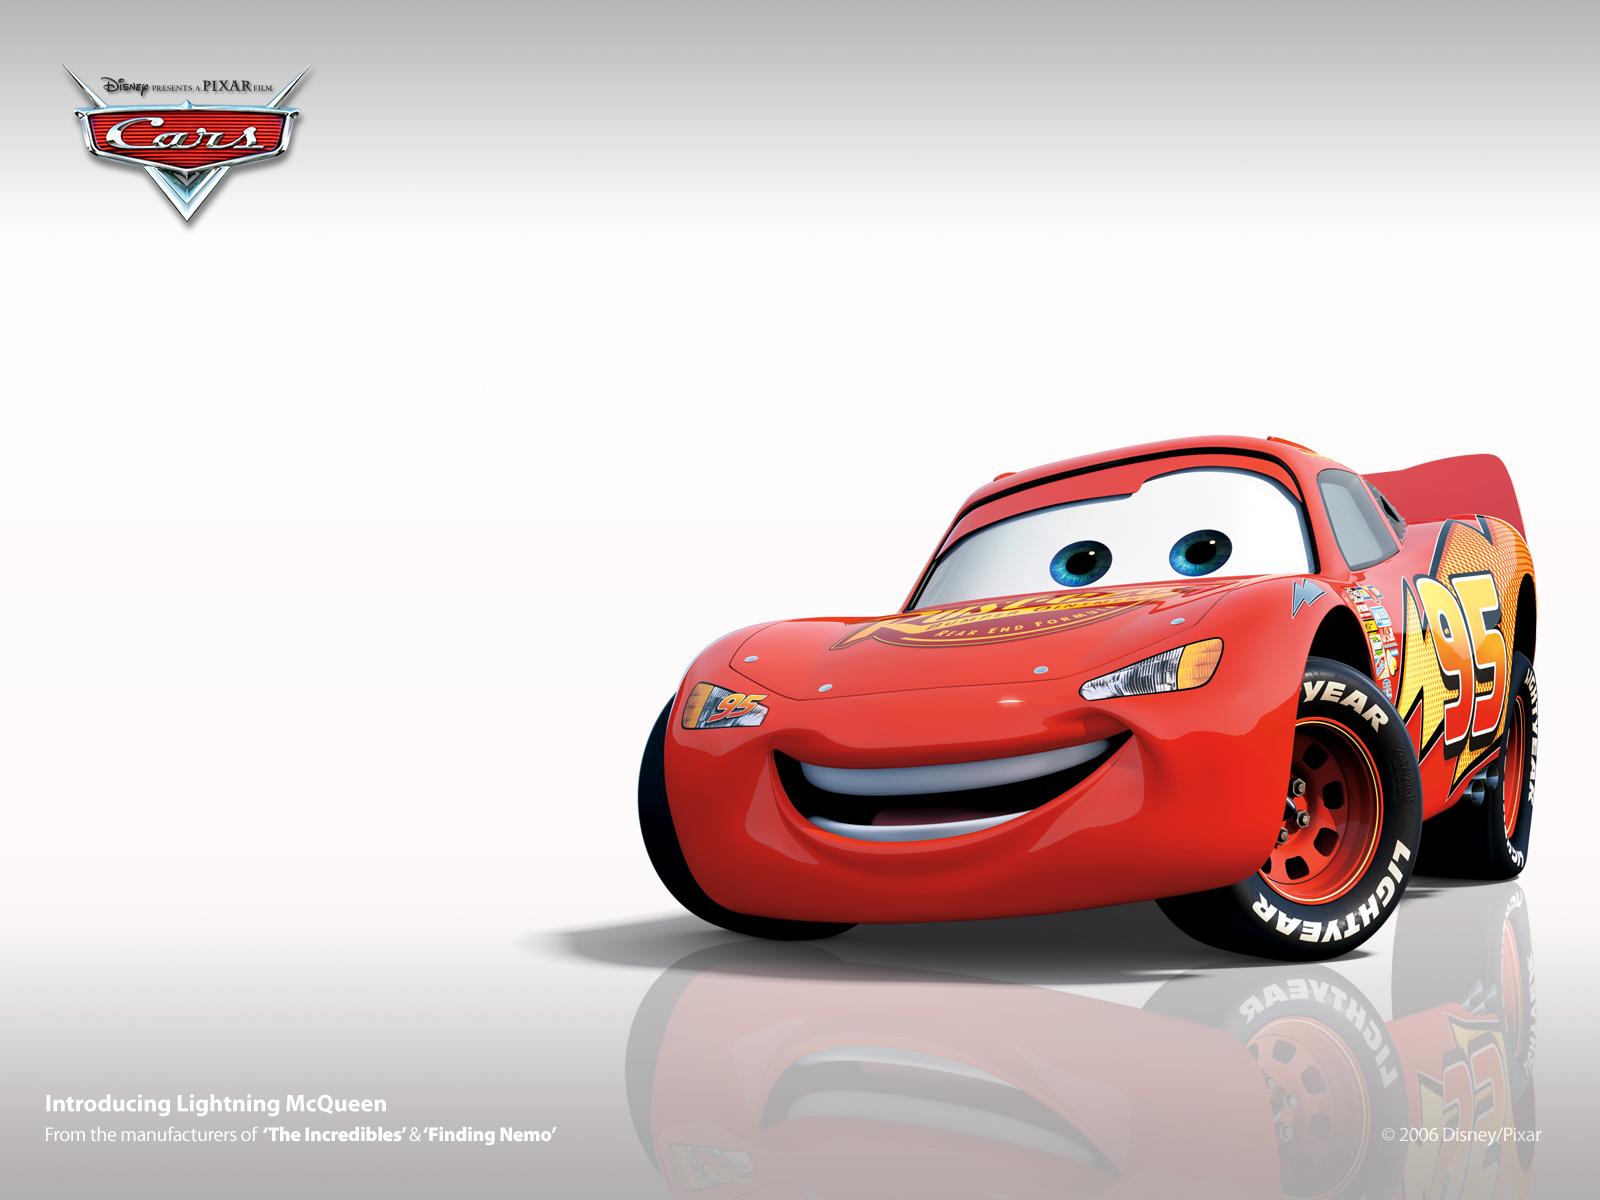 Cars De Disney Wallpapers Fondos De Pantalla De Cars De Disney Pixar Wallpapers Gratis